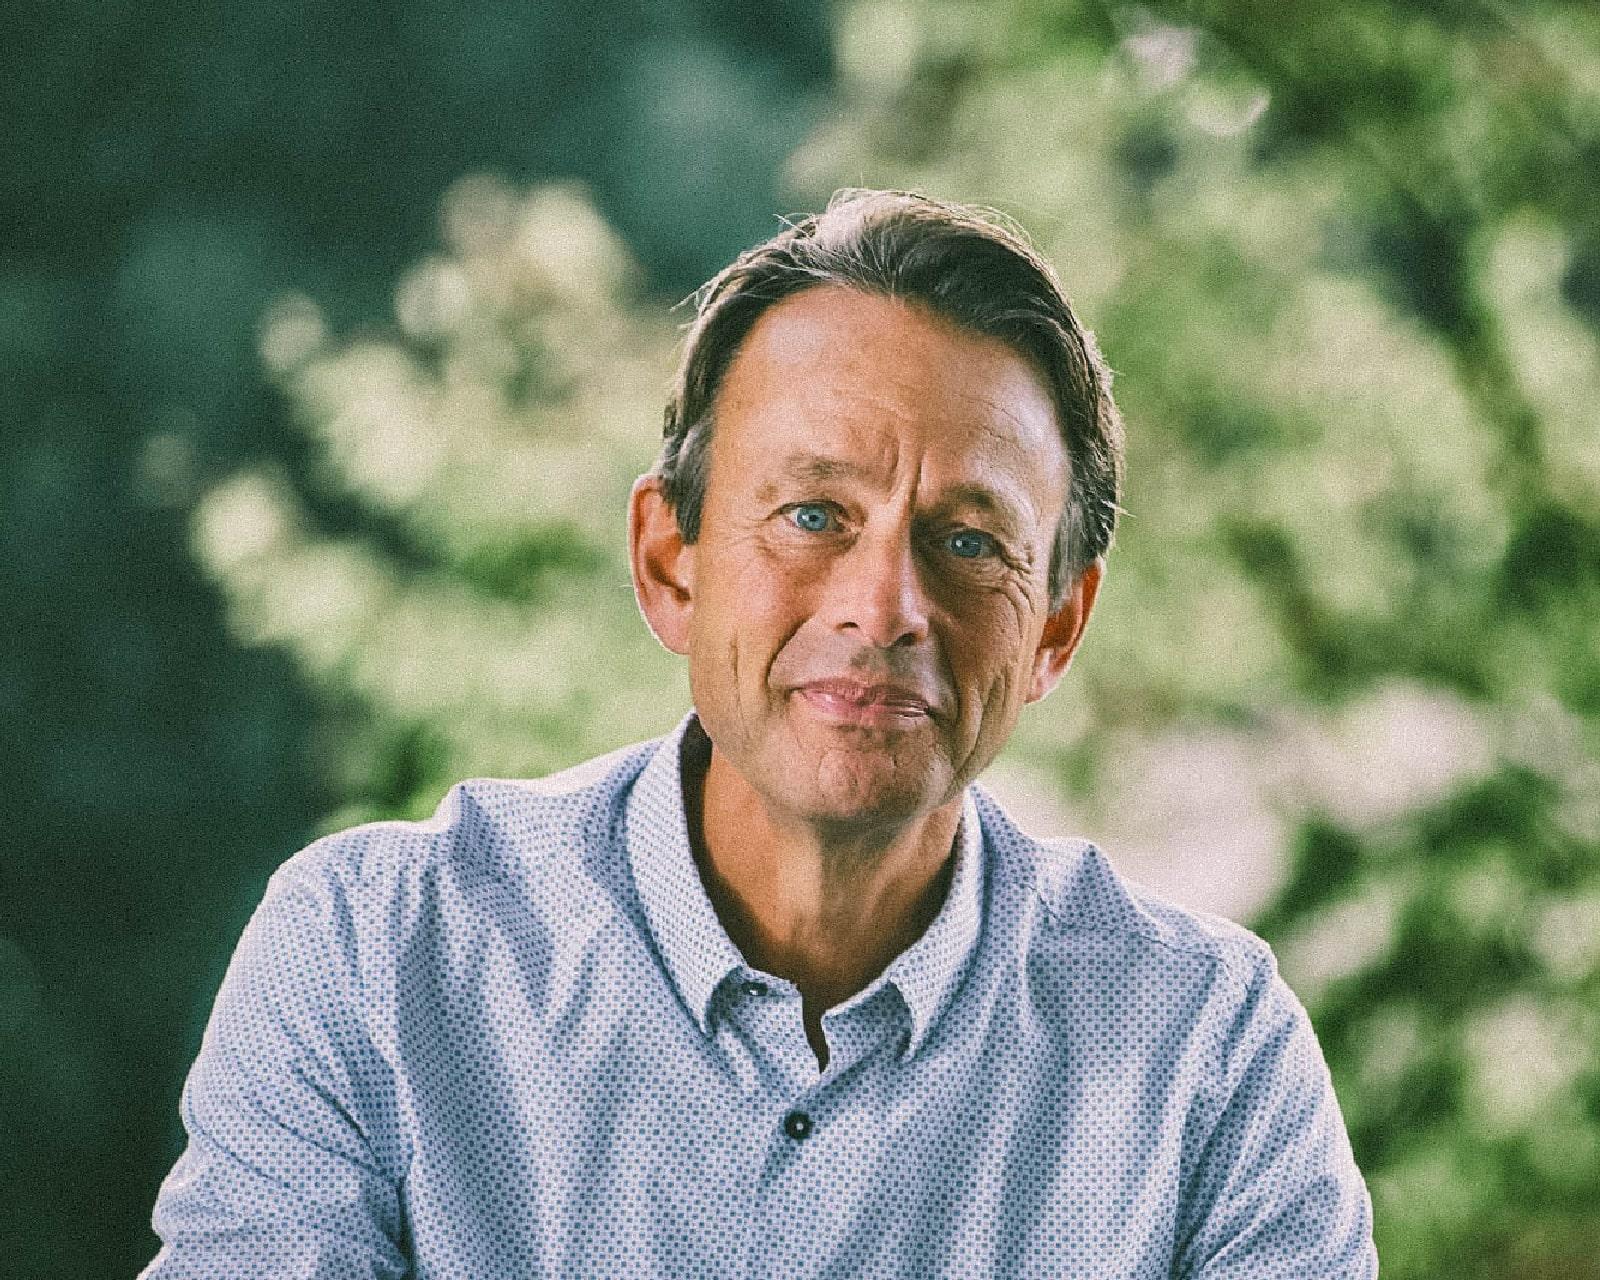 Haarlemse verhalenverteller Eddy Boom maakt podcast over weerbaarheid in tijden van crisis